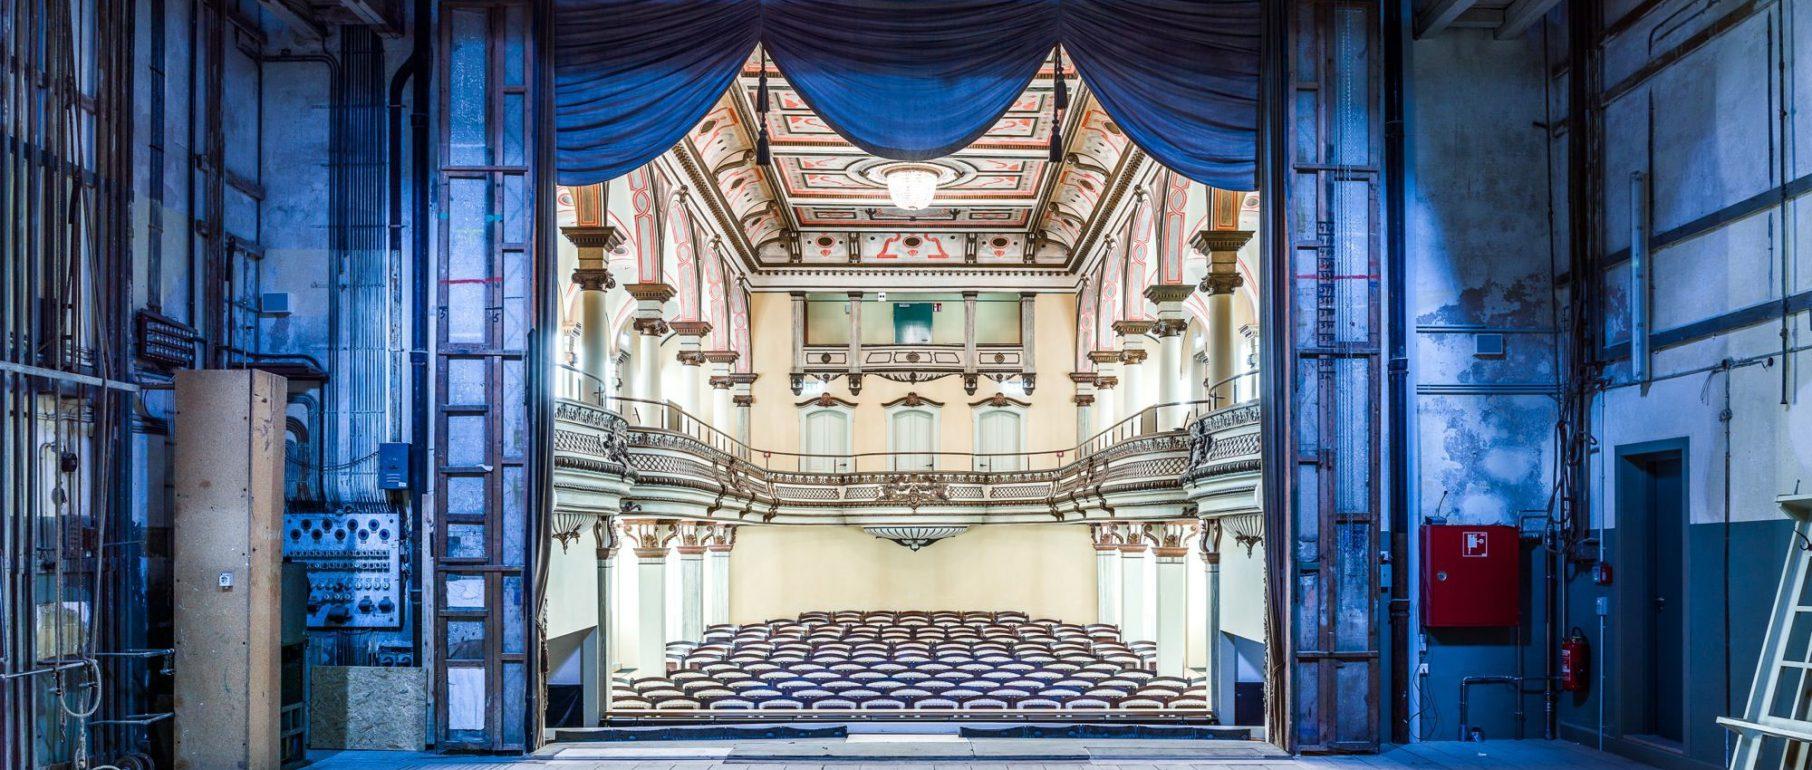 Blick in den restaurierten Zuschauerraum: Das Königliche Kurtheater Bad Wildbad (Foto: D. Vieser)